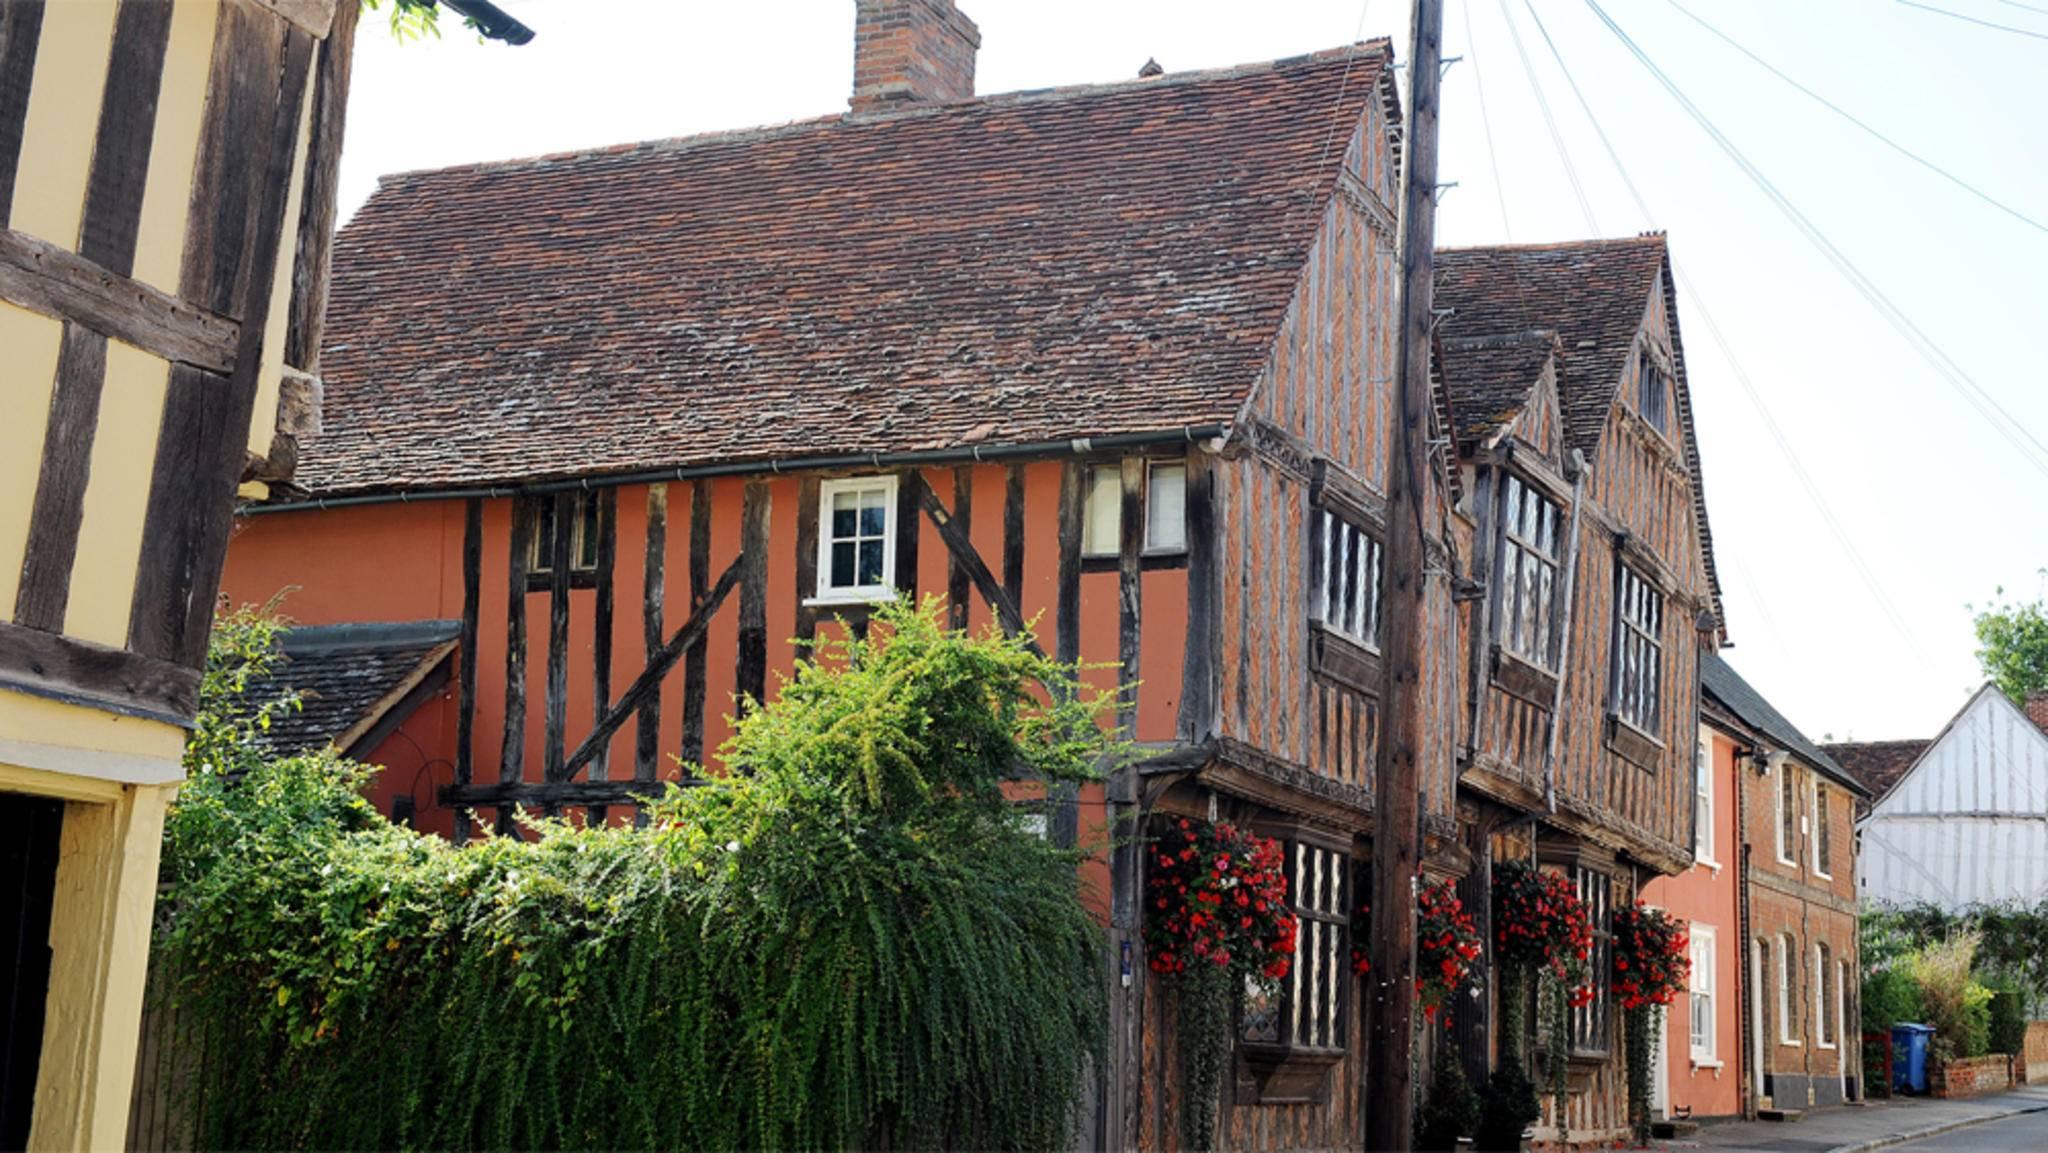 In natura sieht das Haus, in dem Harry Potter seine ersten Monate verbracht haben soll, freundlicher aus als im Film.